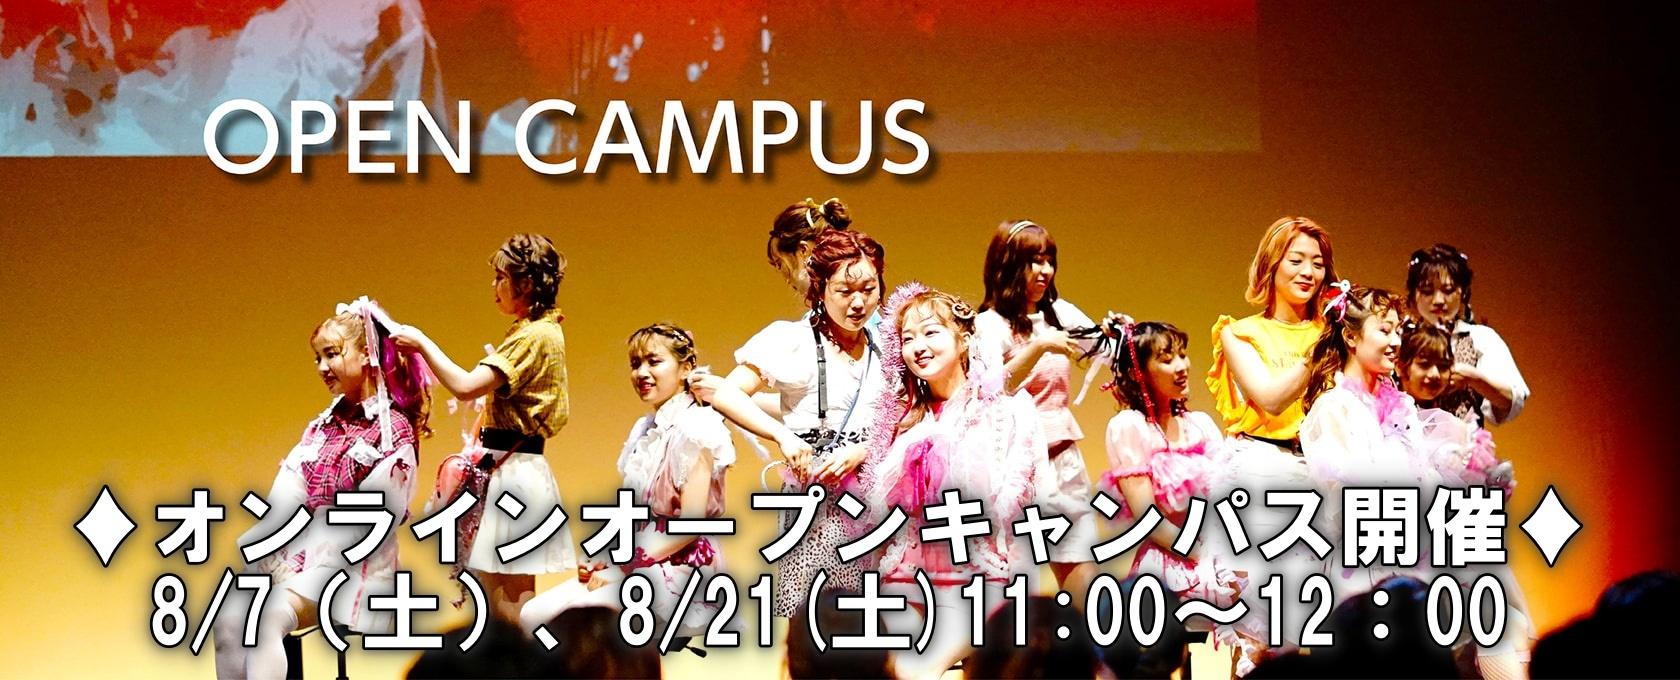 東京の美容専門学校:国際文化理容美容専門学校のオープンキャンパス2021